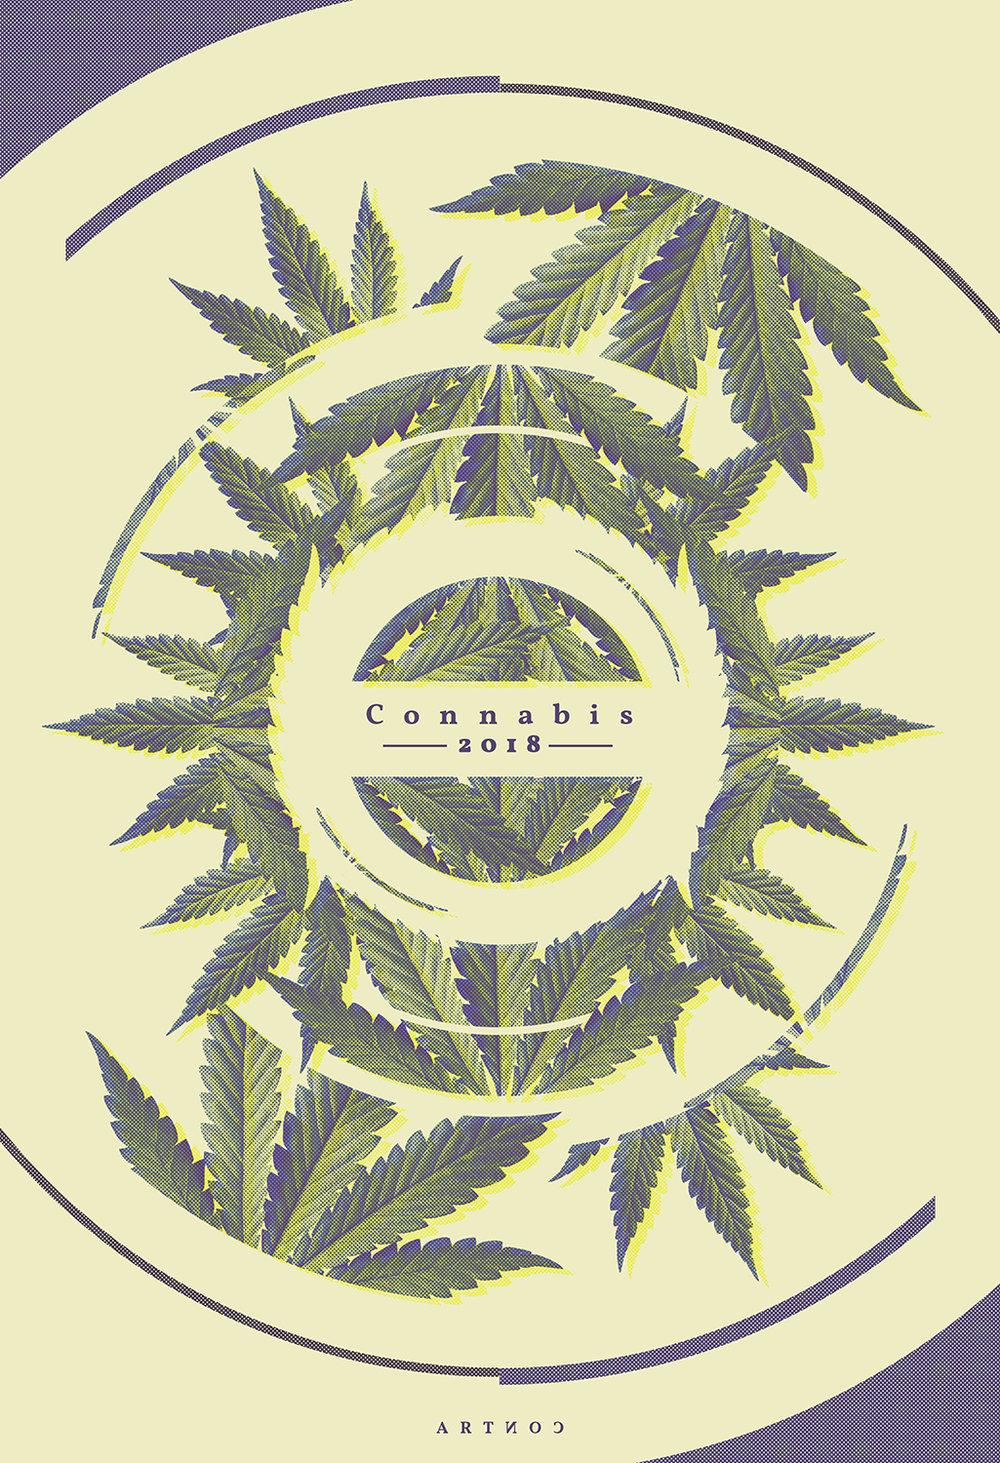 connabis.jpg